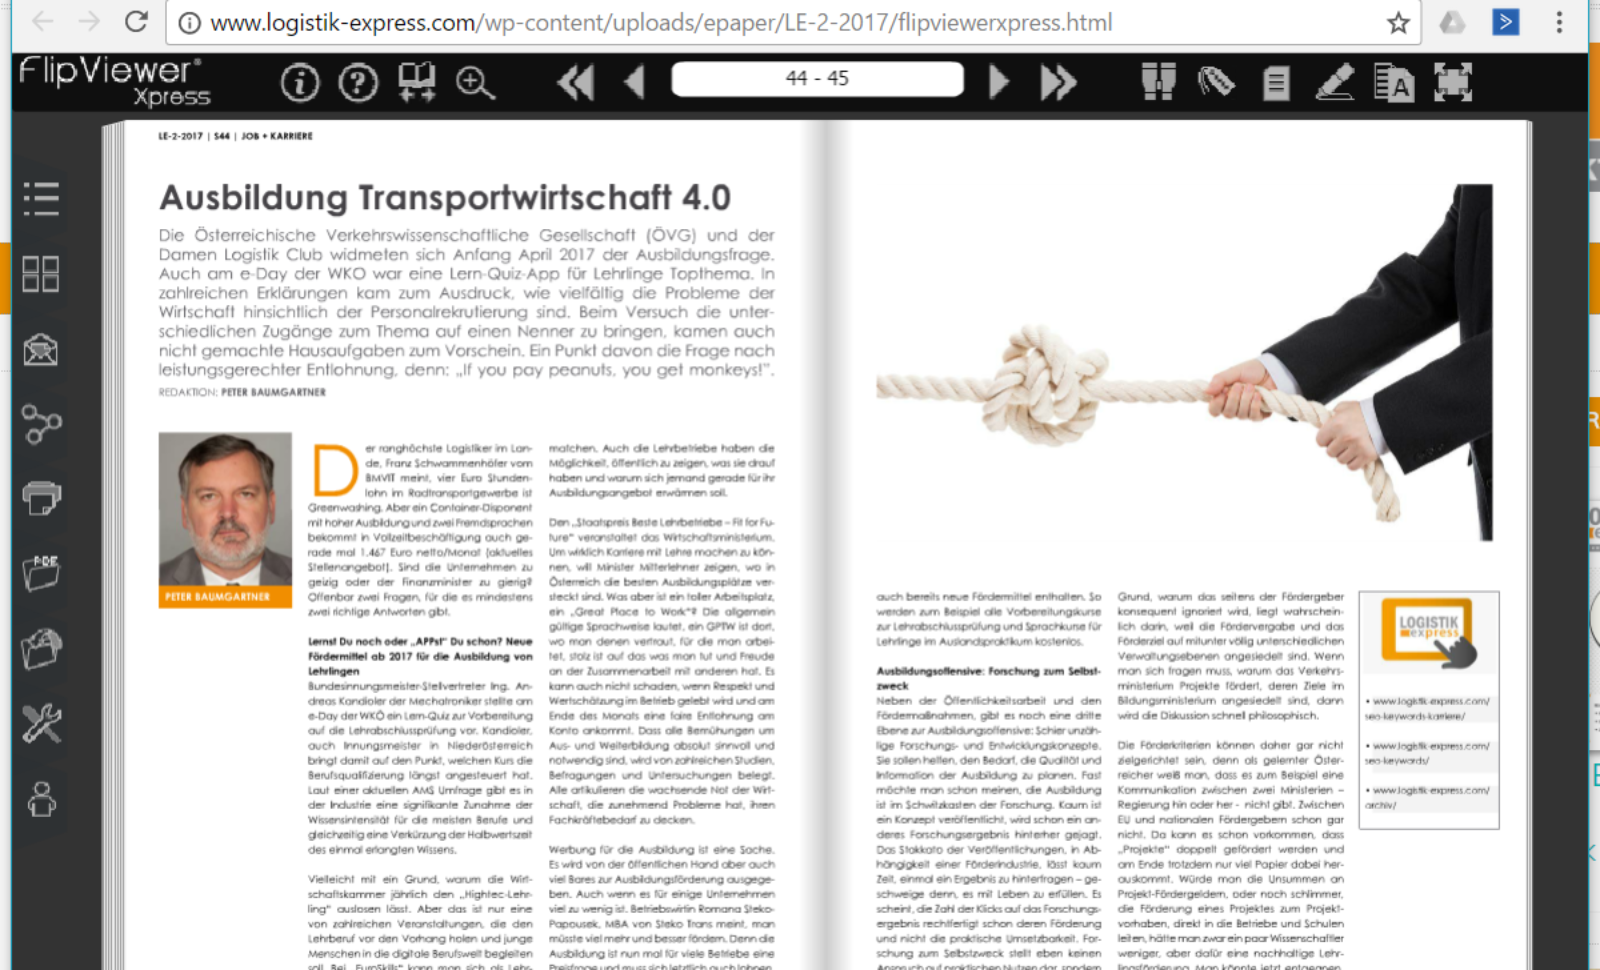 Ausbildung Transportwirtschaft 4.0